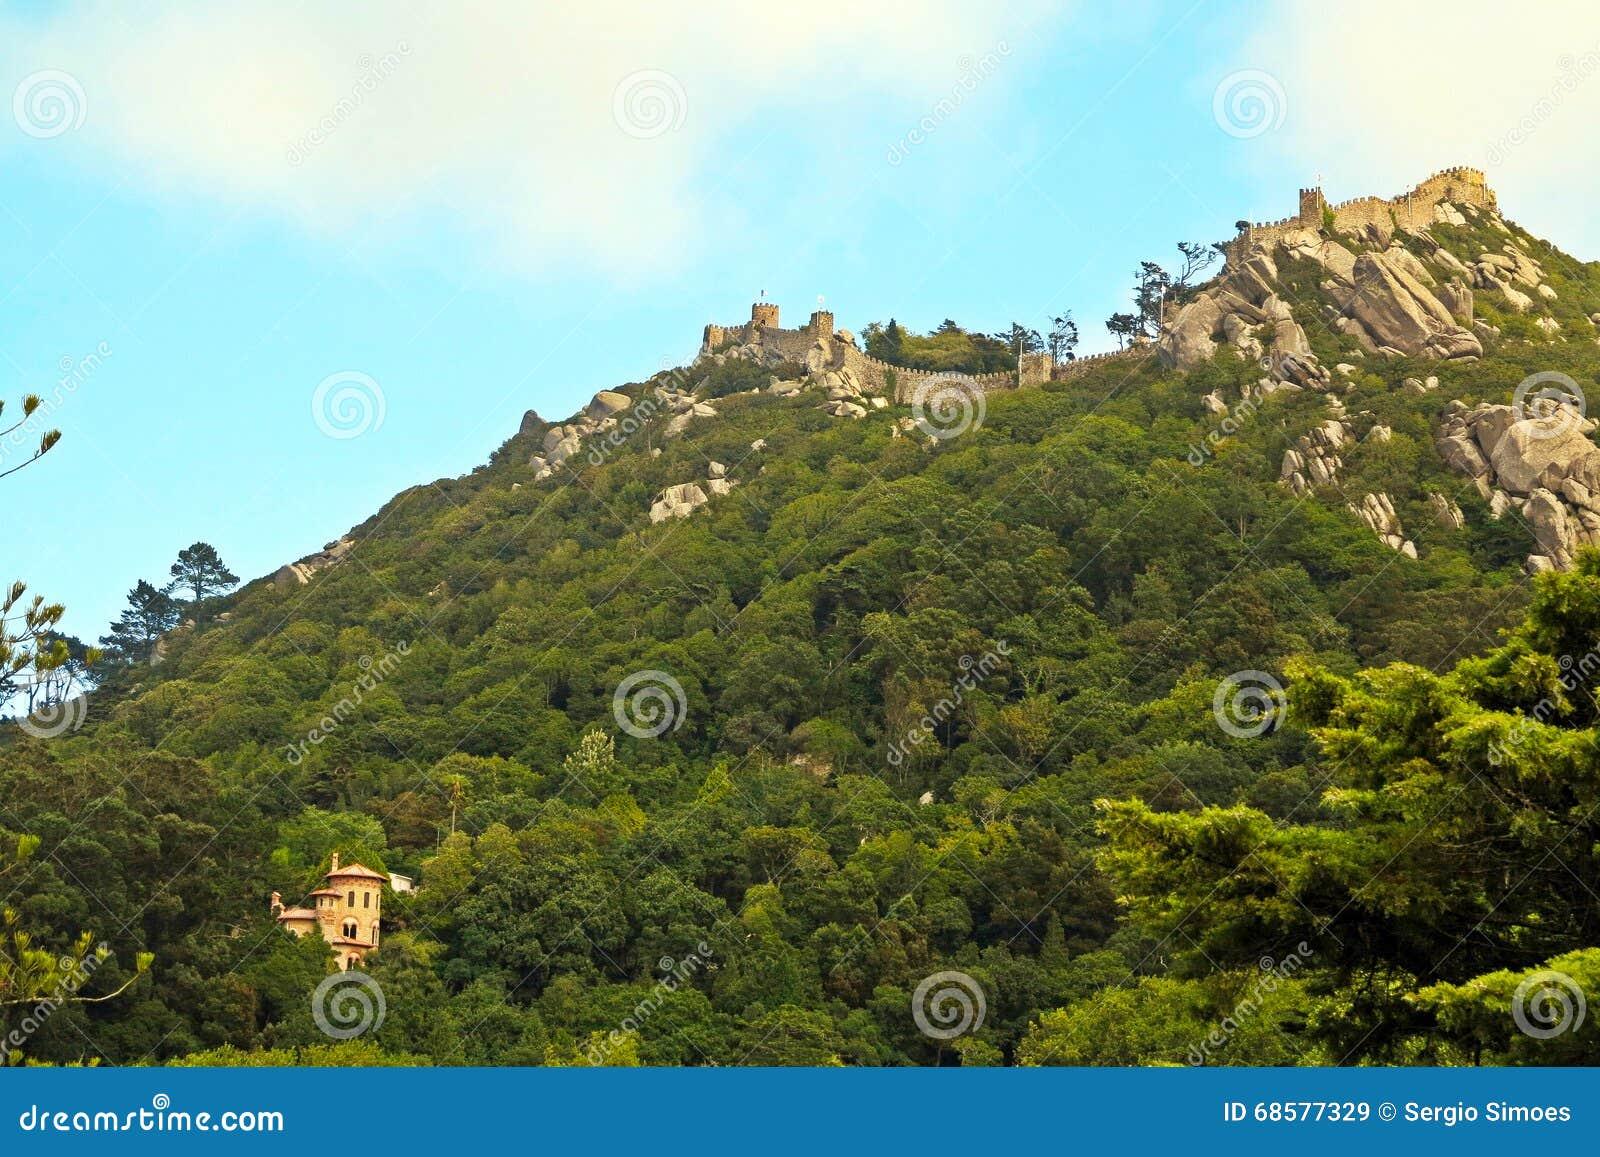 Il castello del attracca